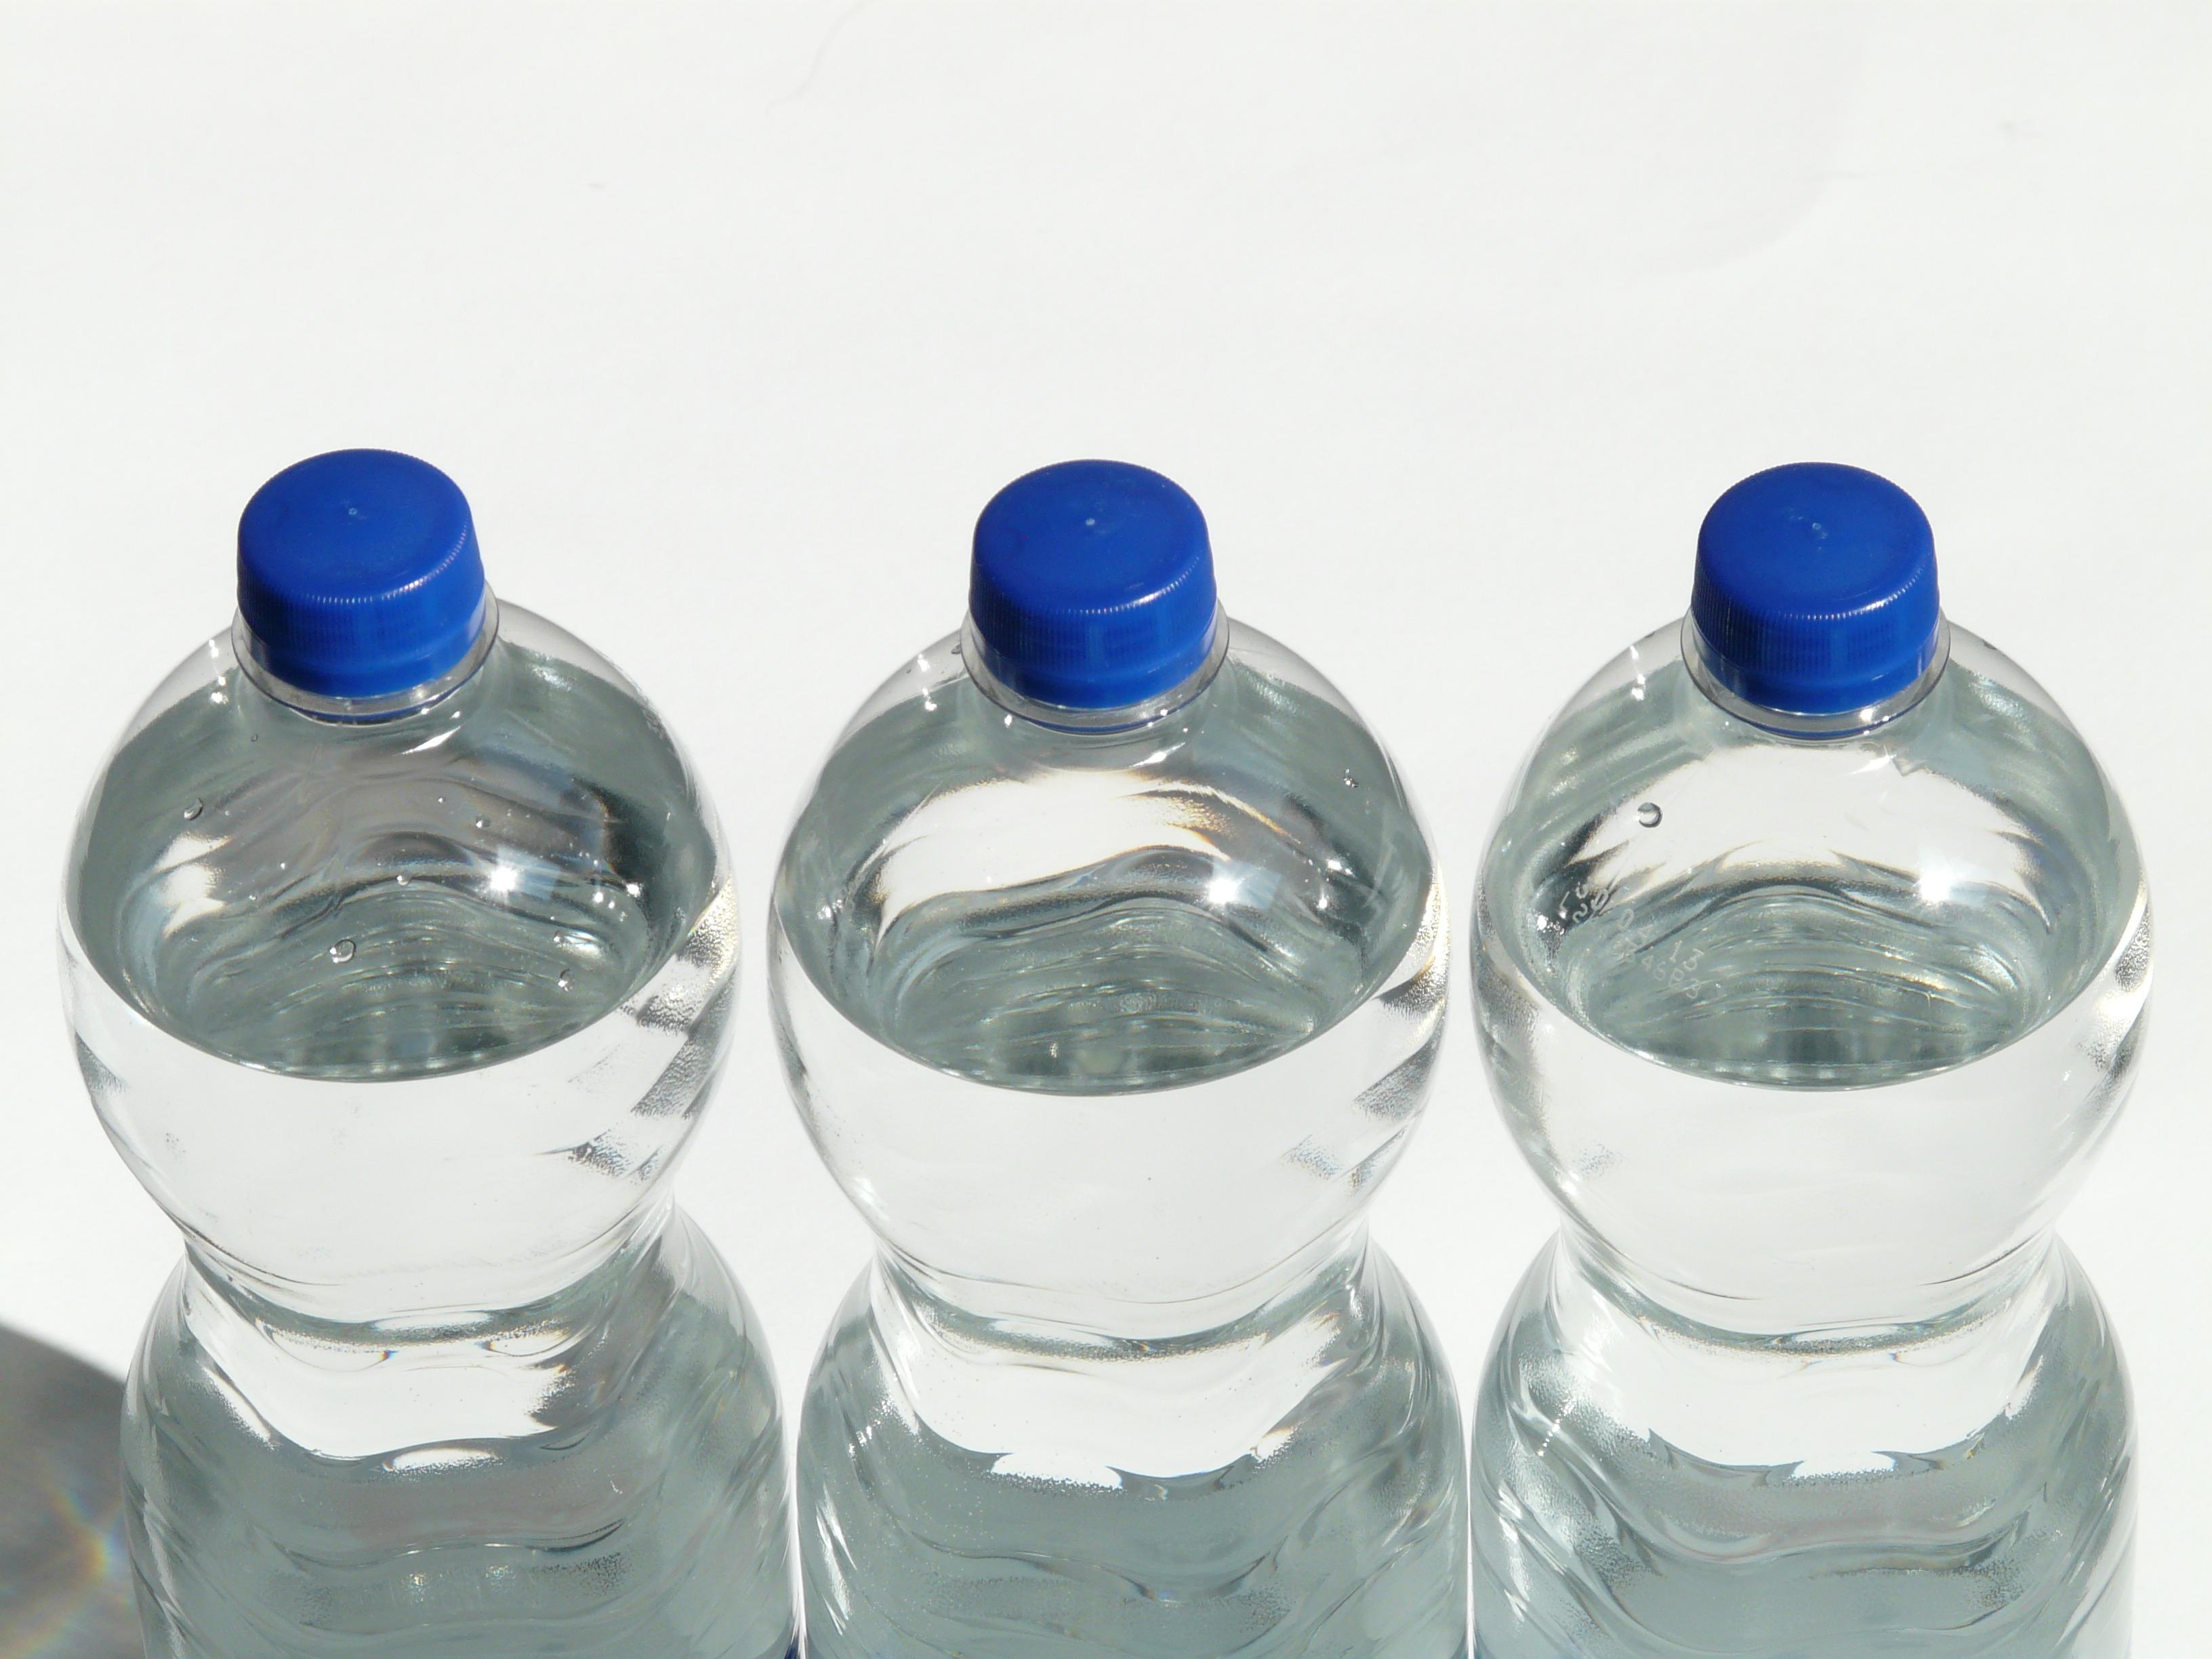 Oceania Cruises spart durch eine neue Partnerschaft mit Vero Water Wasser in Plastikflaschen ein, rund drei Millionen Plastikflaschen im Jahr.